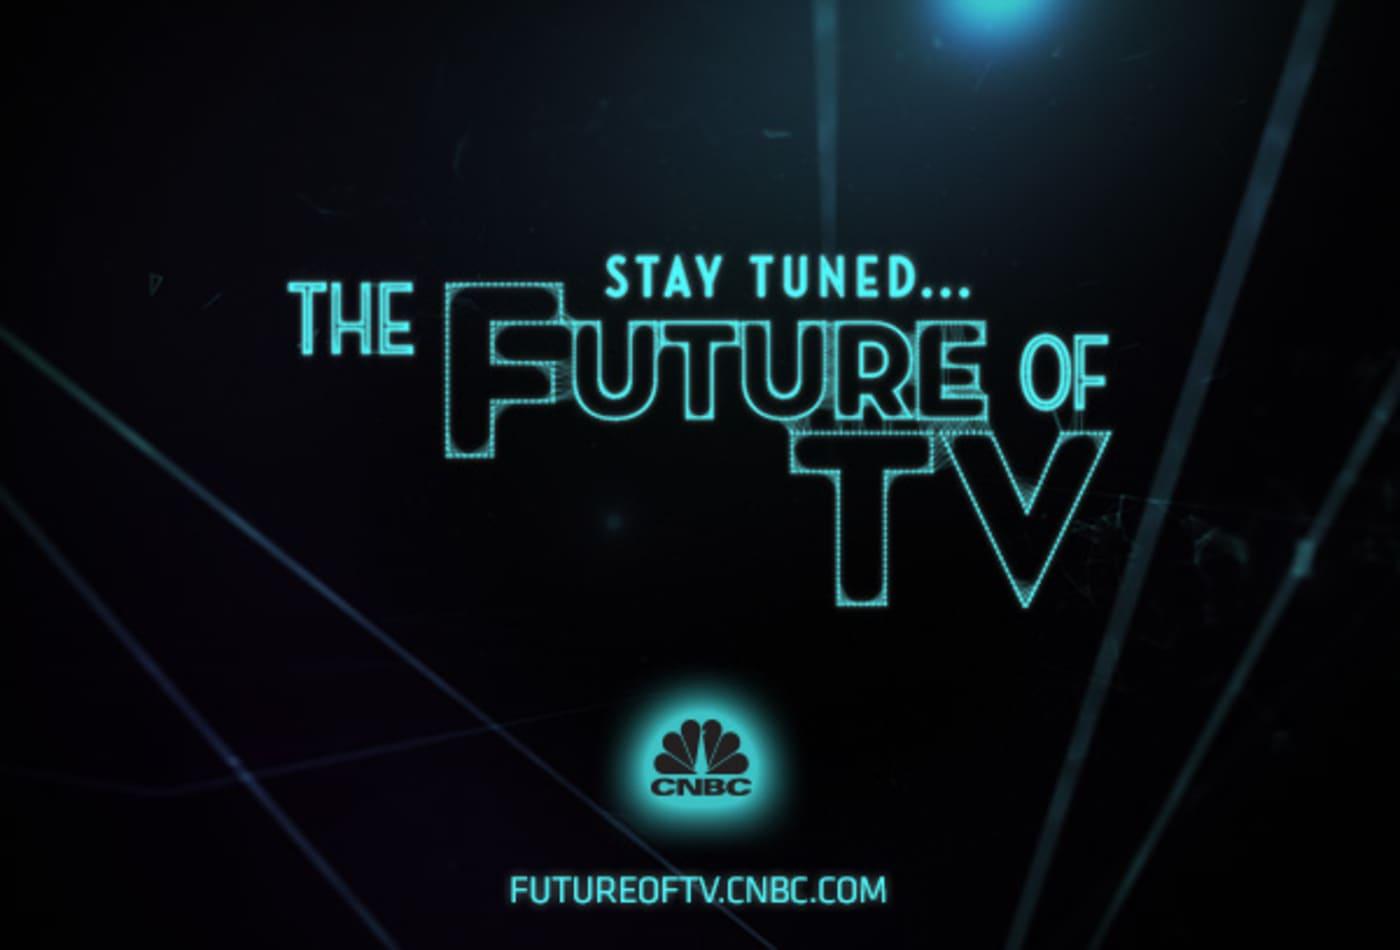 future-of-tv-endslide.jpg